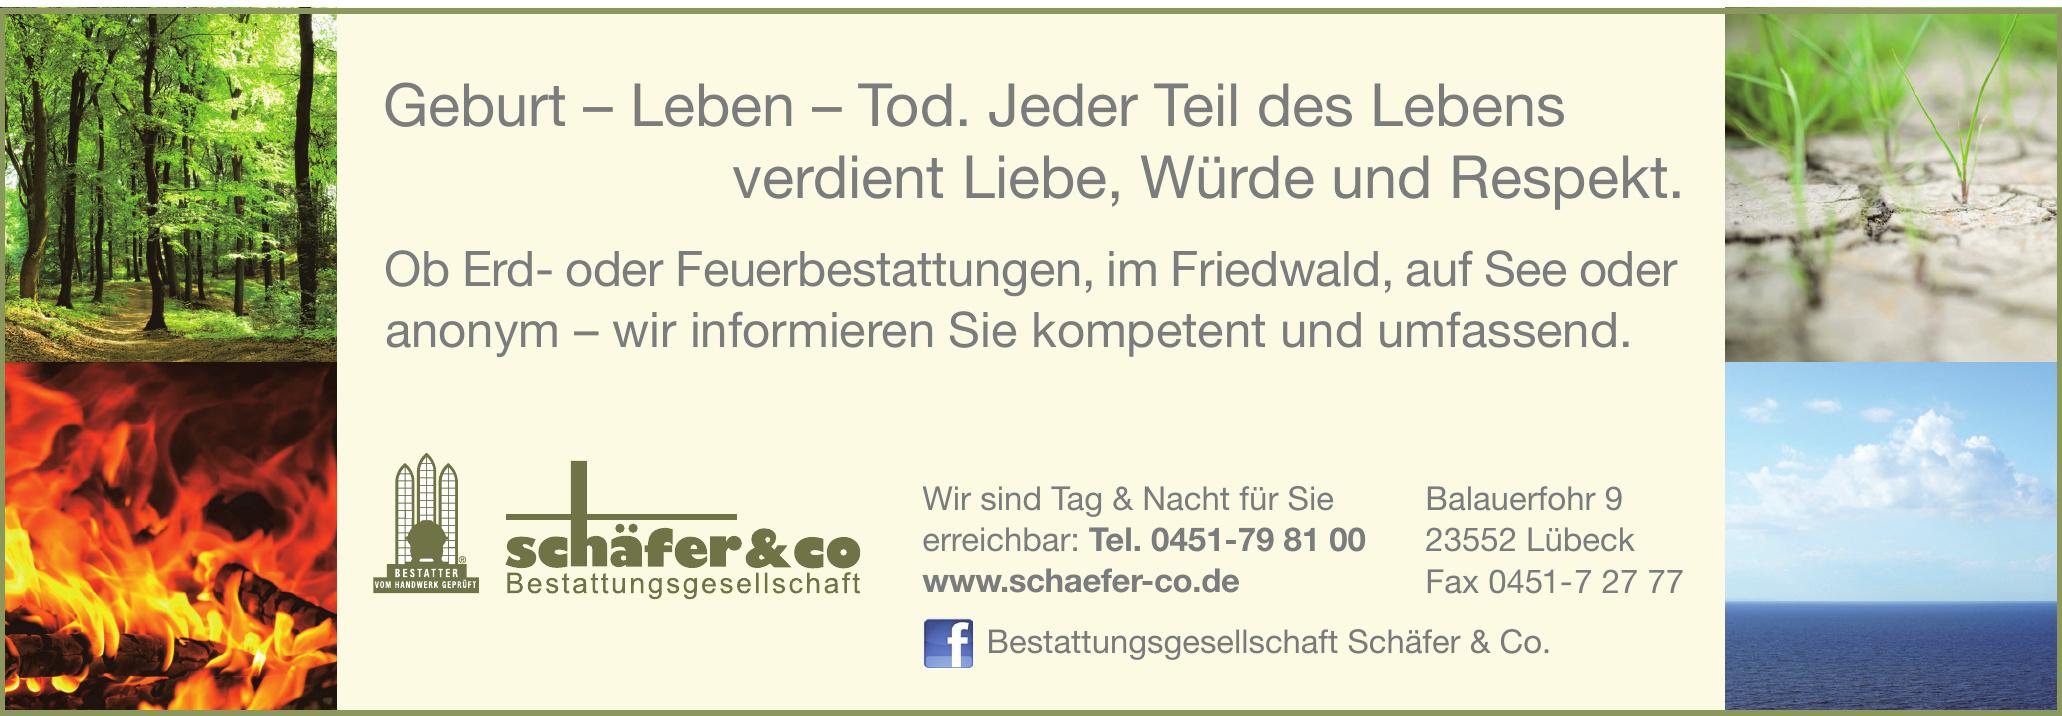 Bestattungsgesellschaft Schäfer & Co.